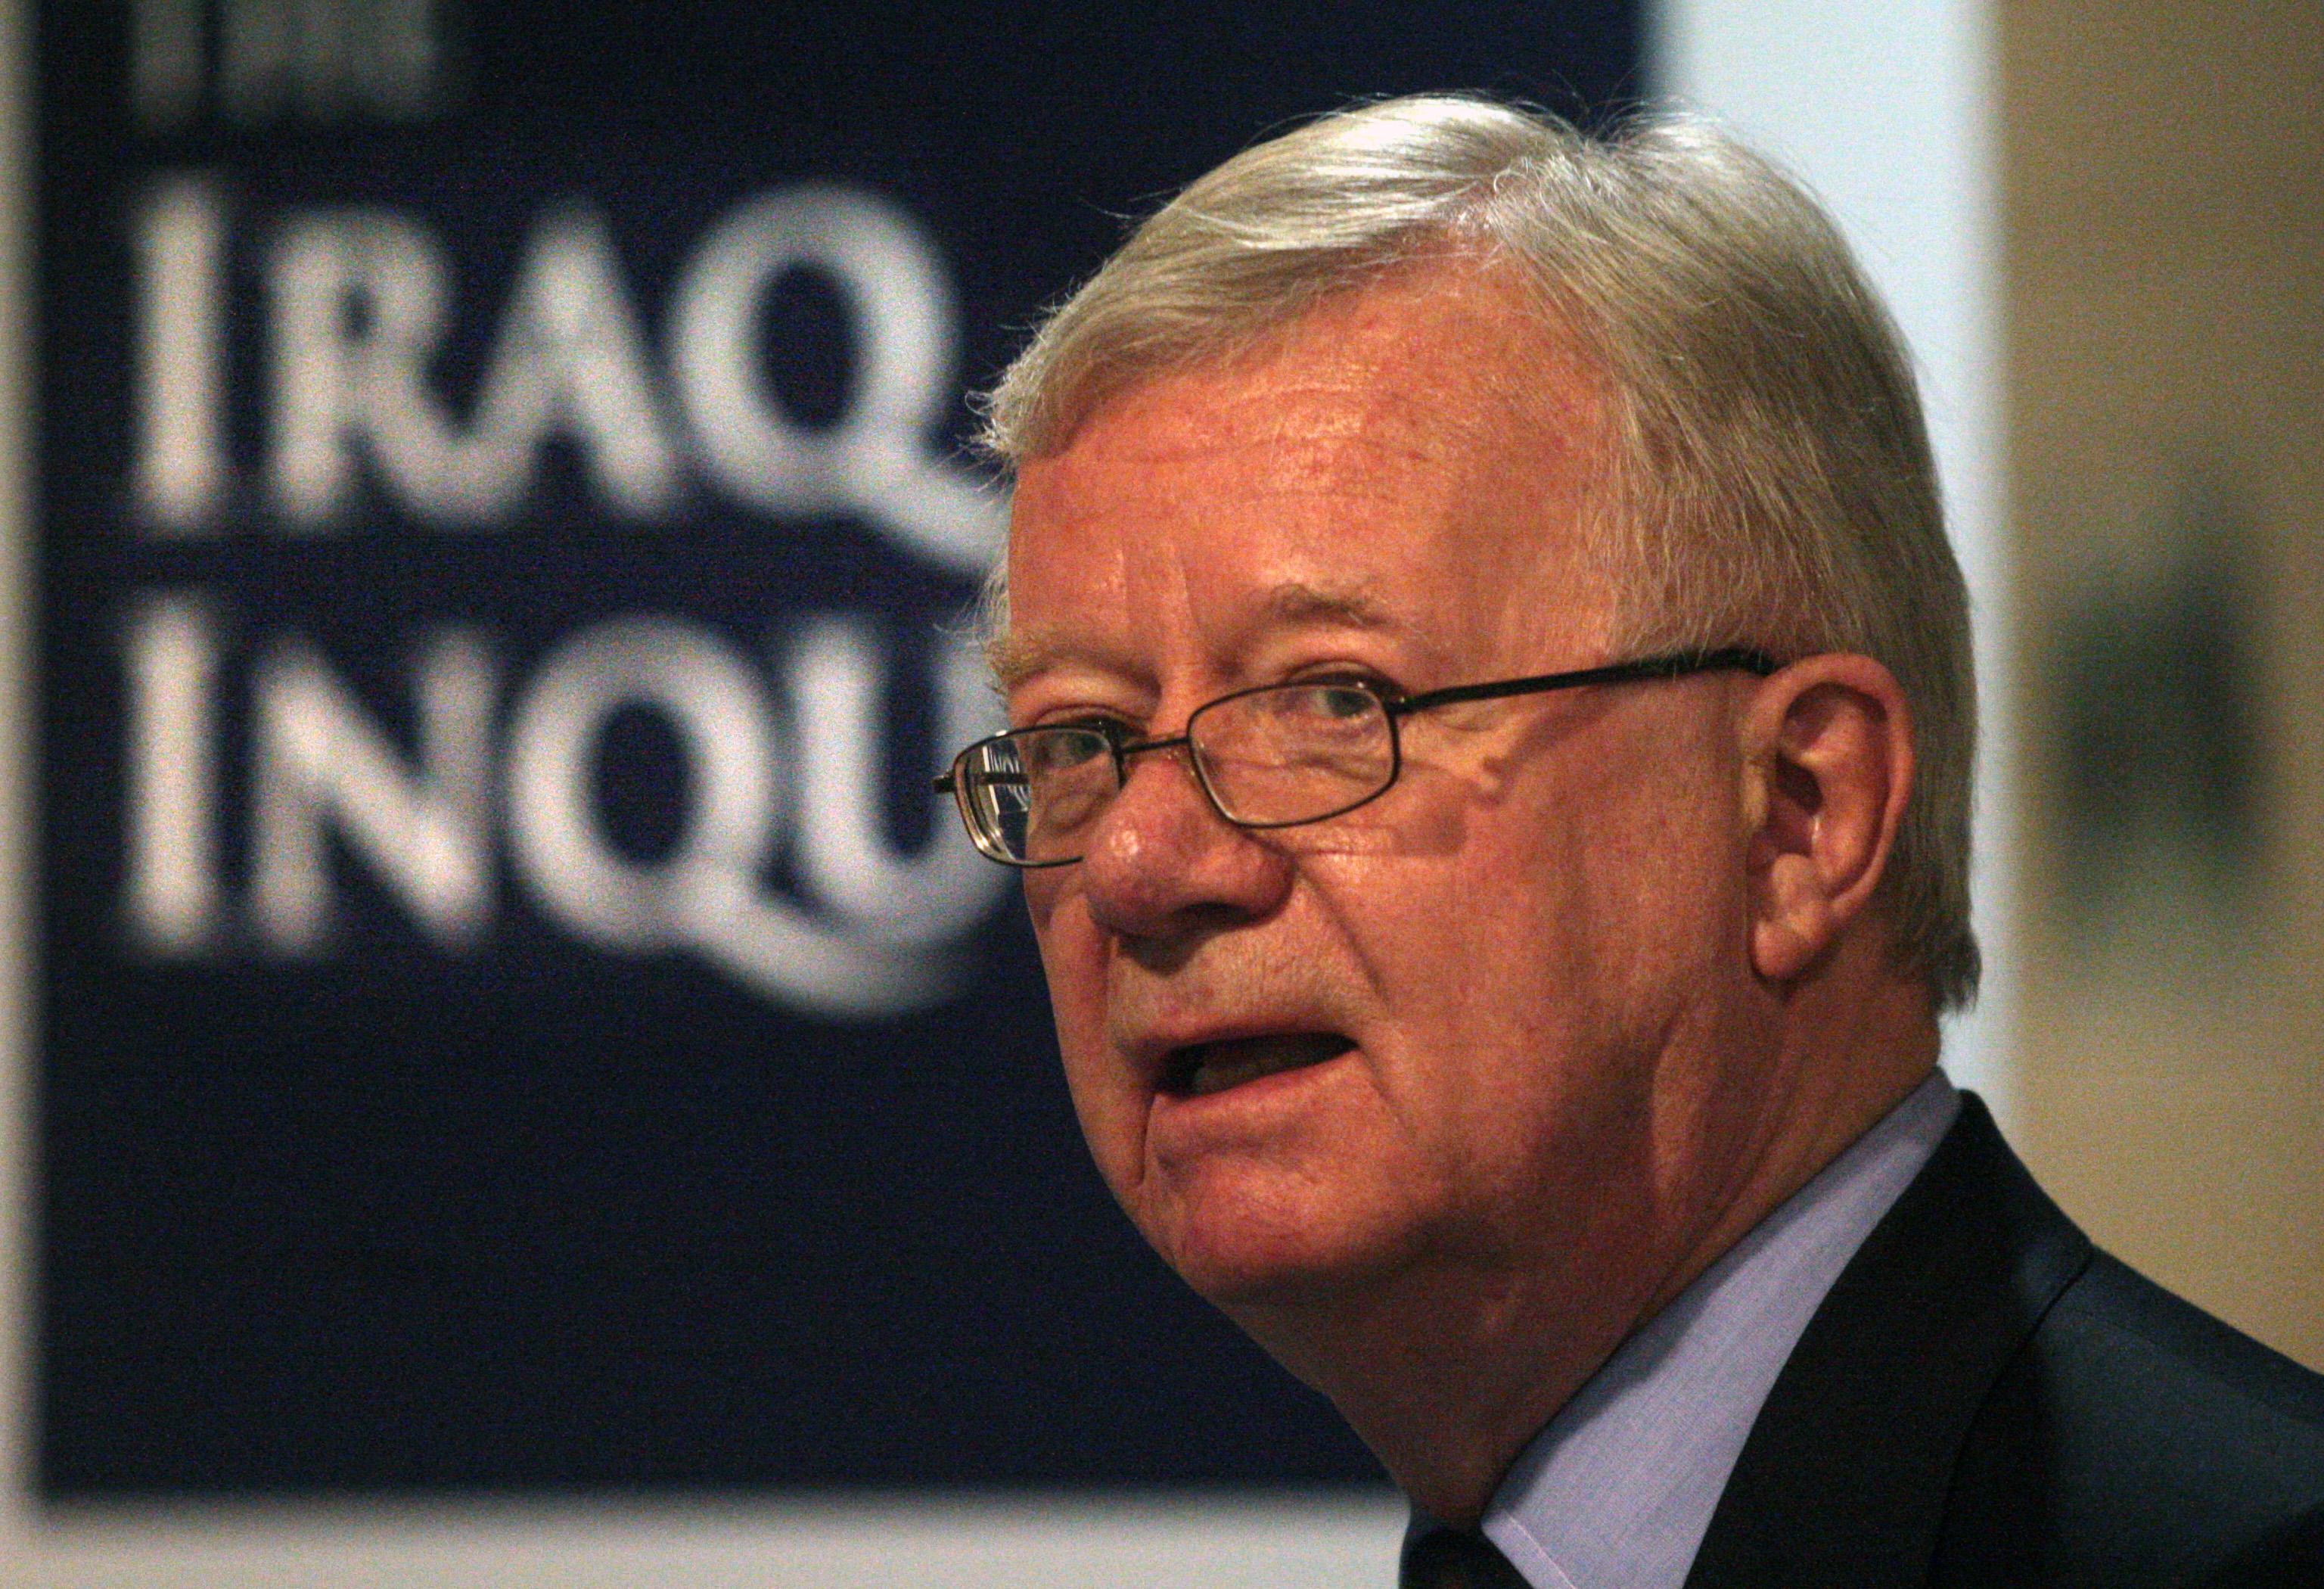 Chairman of the Iraq Inquiry Sir John Chilcot.